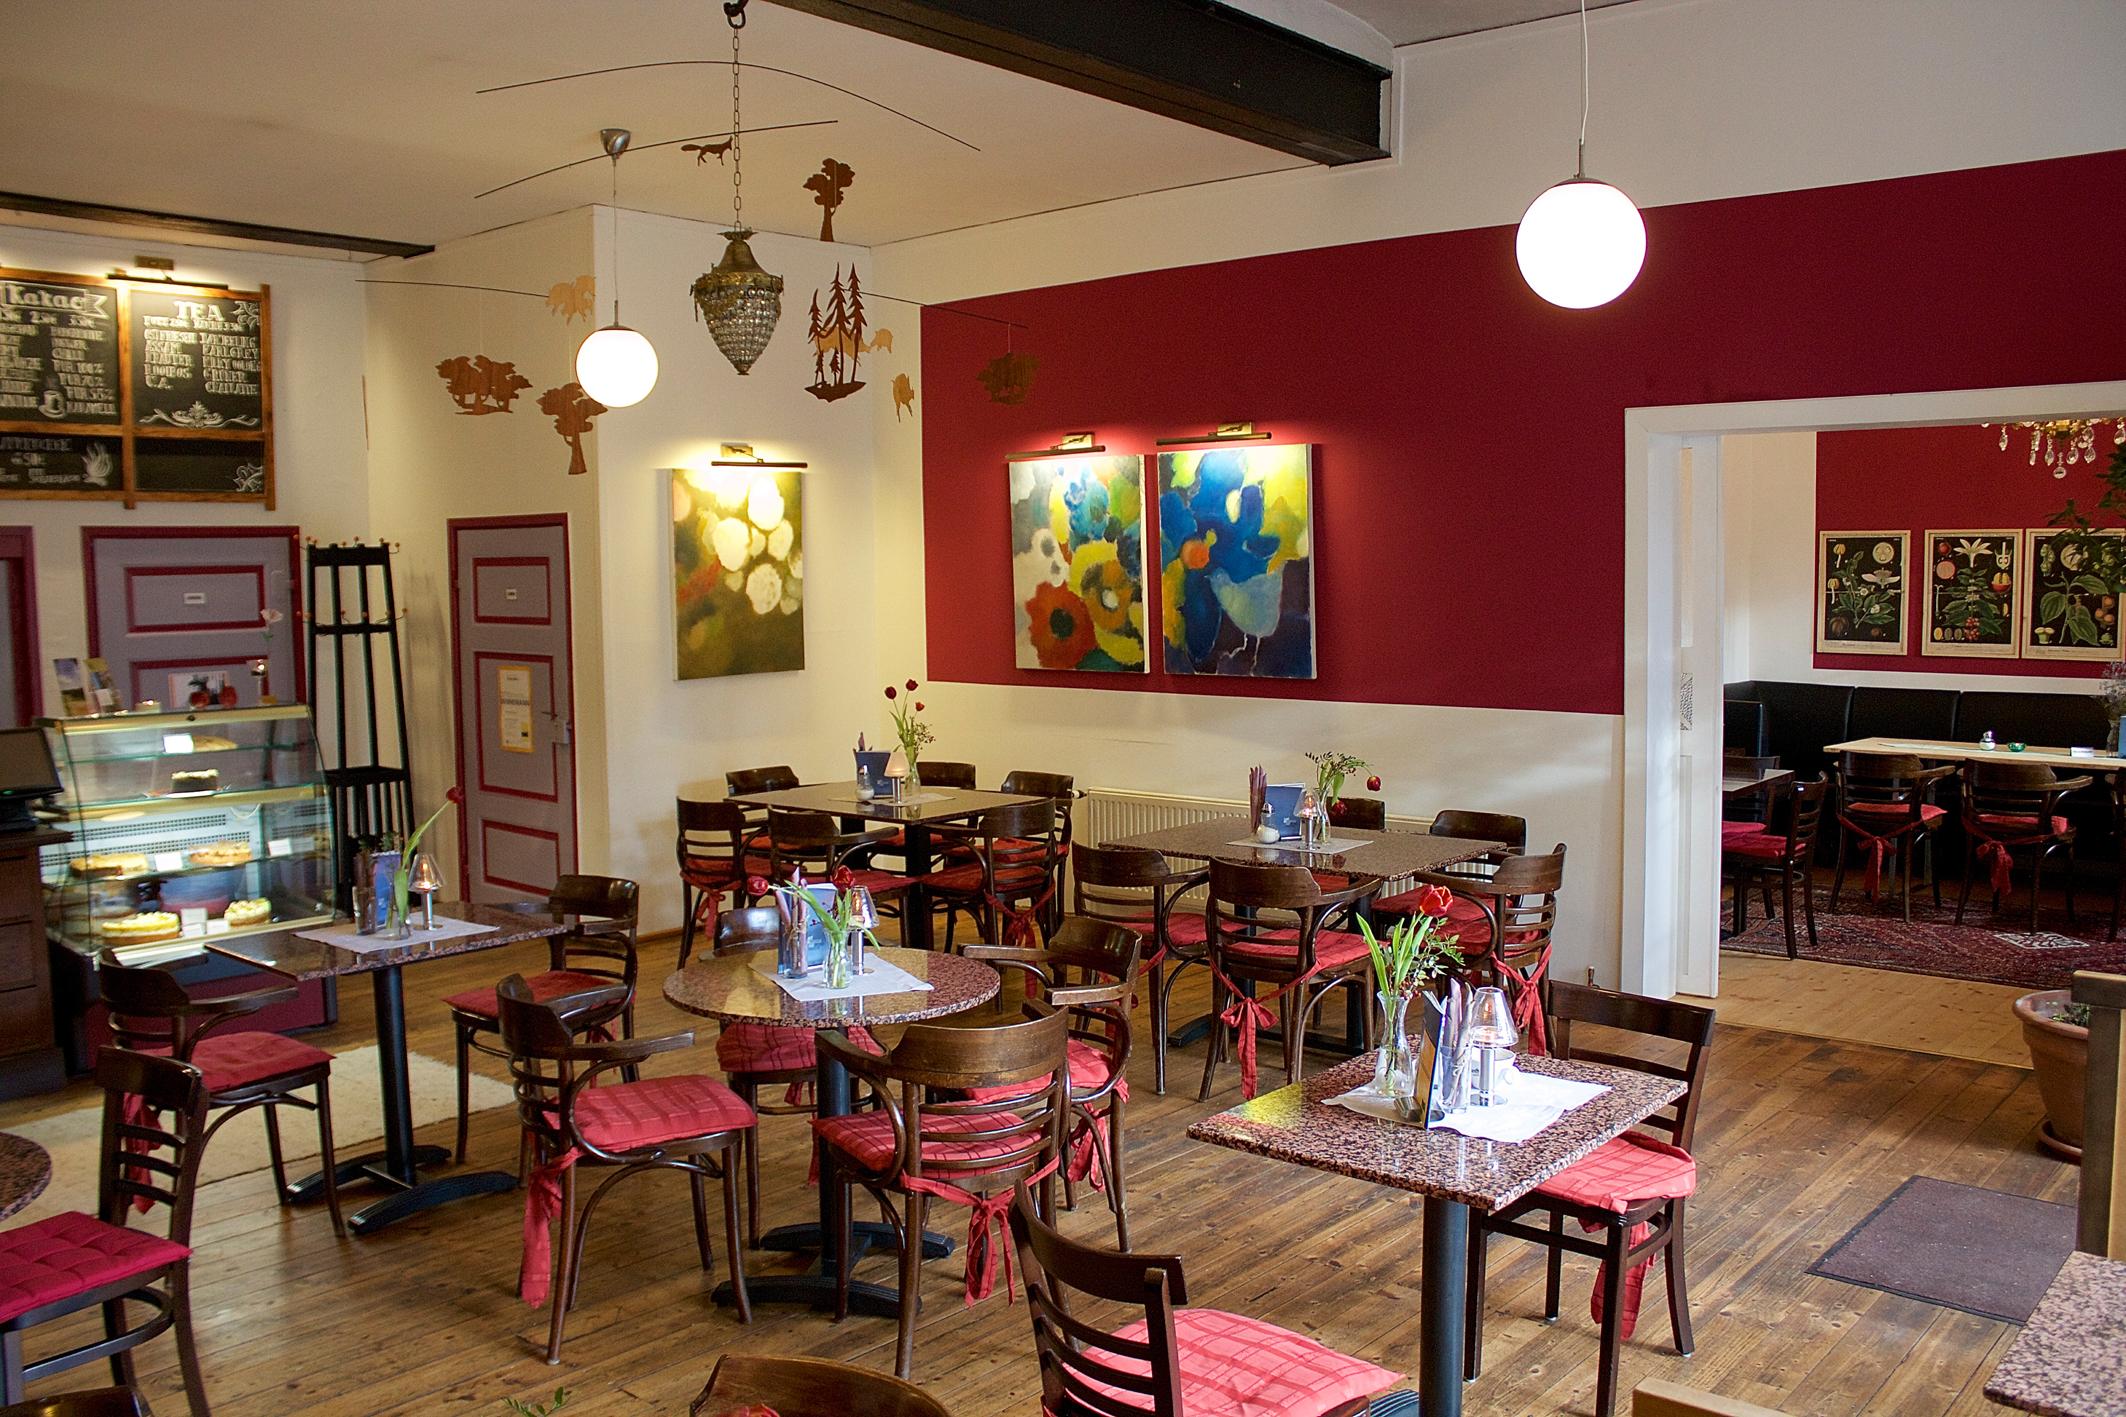 Klosterhof Brunshausen - Café